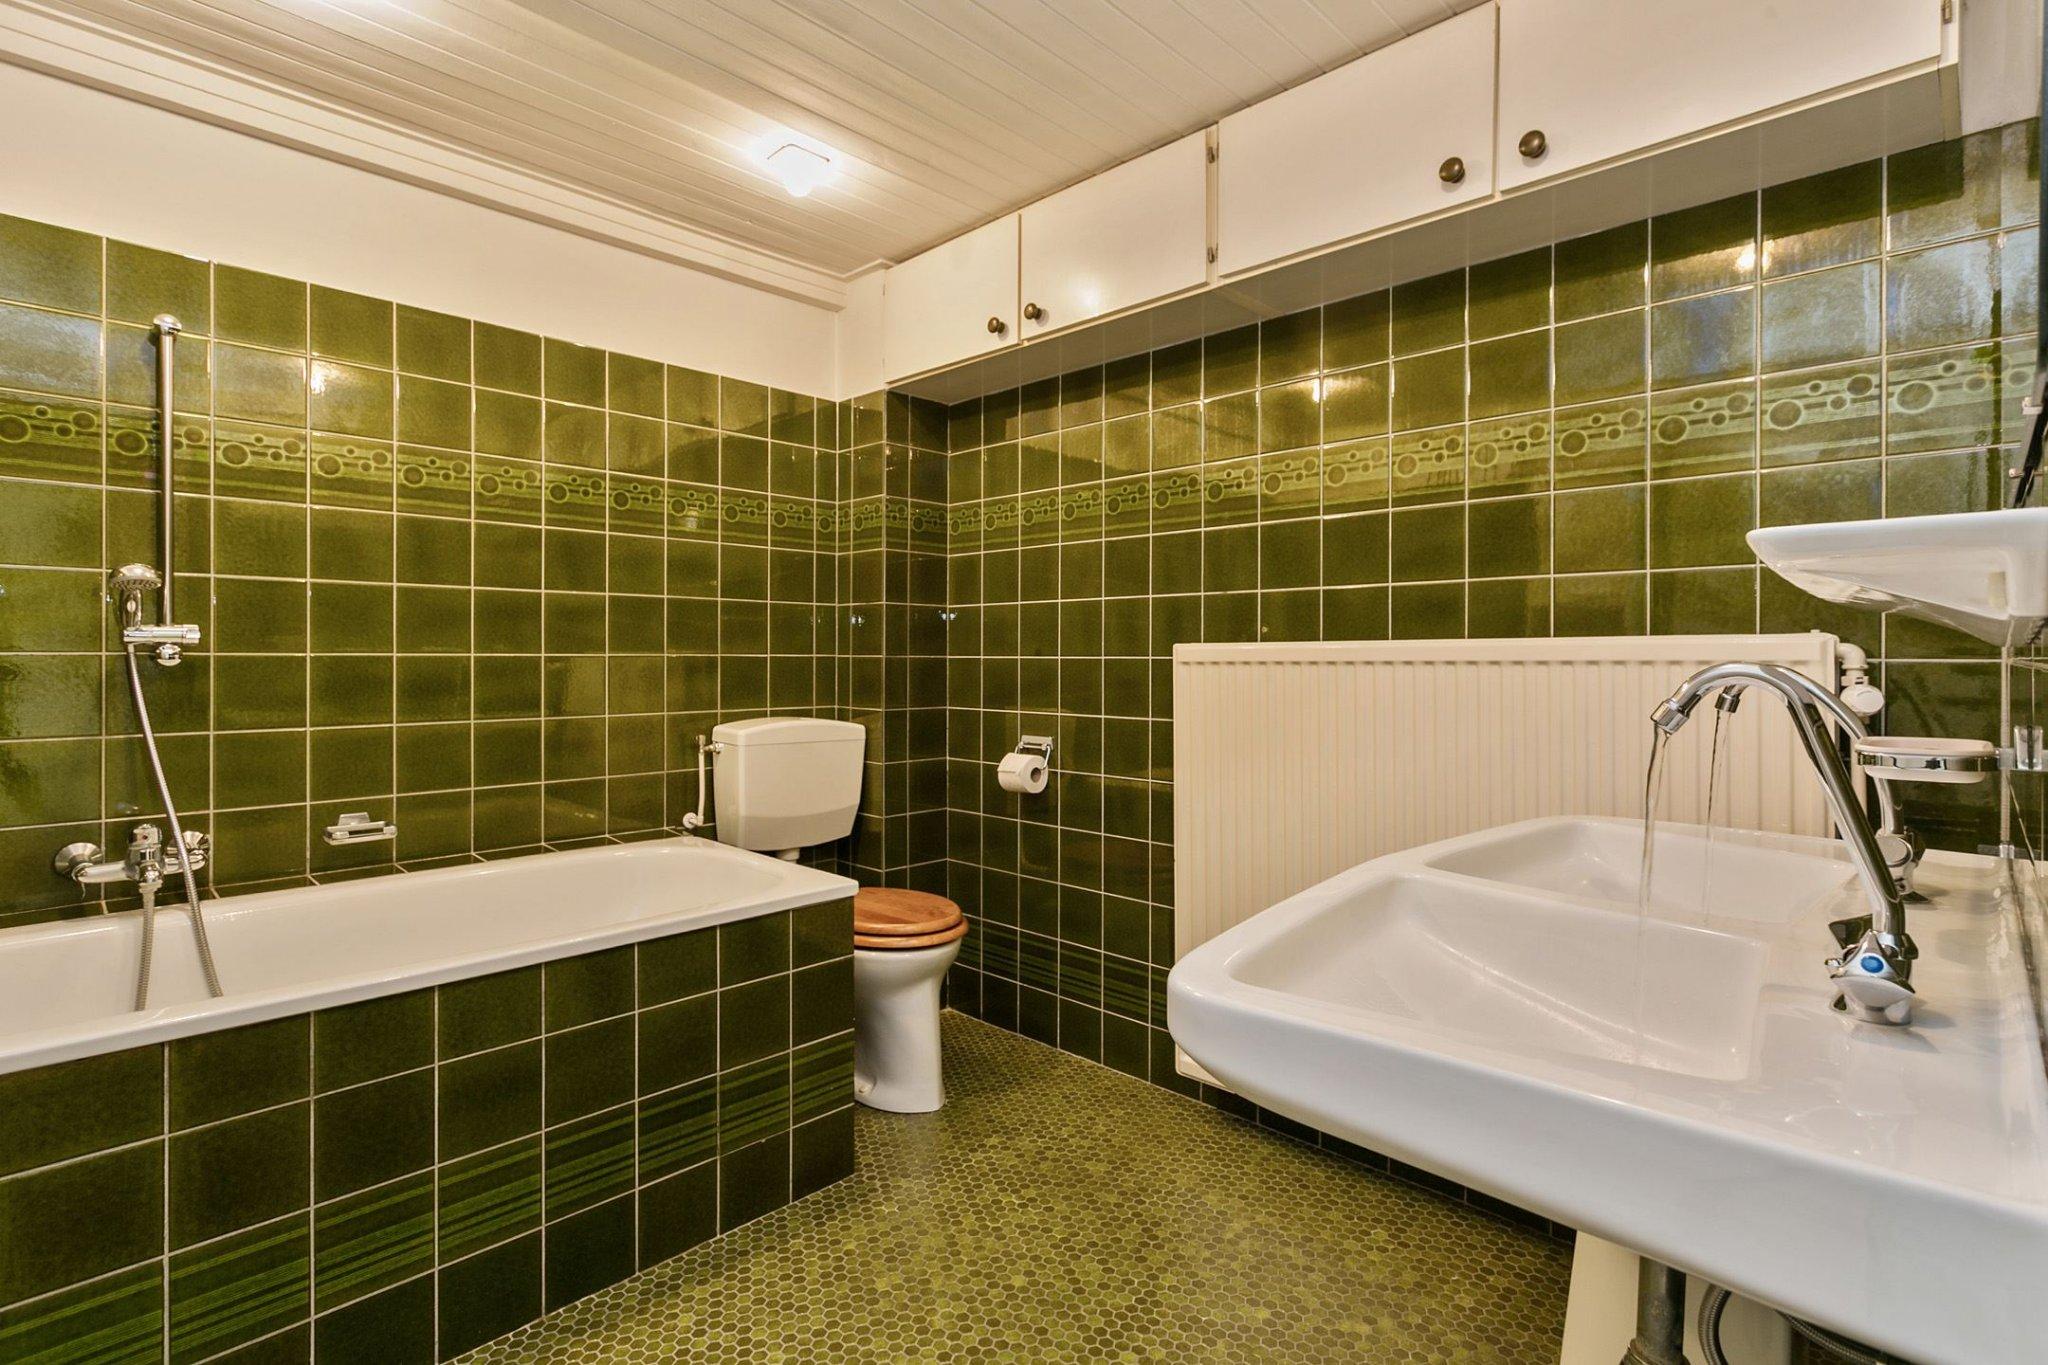 Badkamer Vernieuwen Voorbeelden : Badkamer vernieuwen douche badkamer eibergen grijs wit